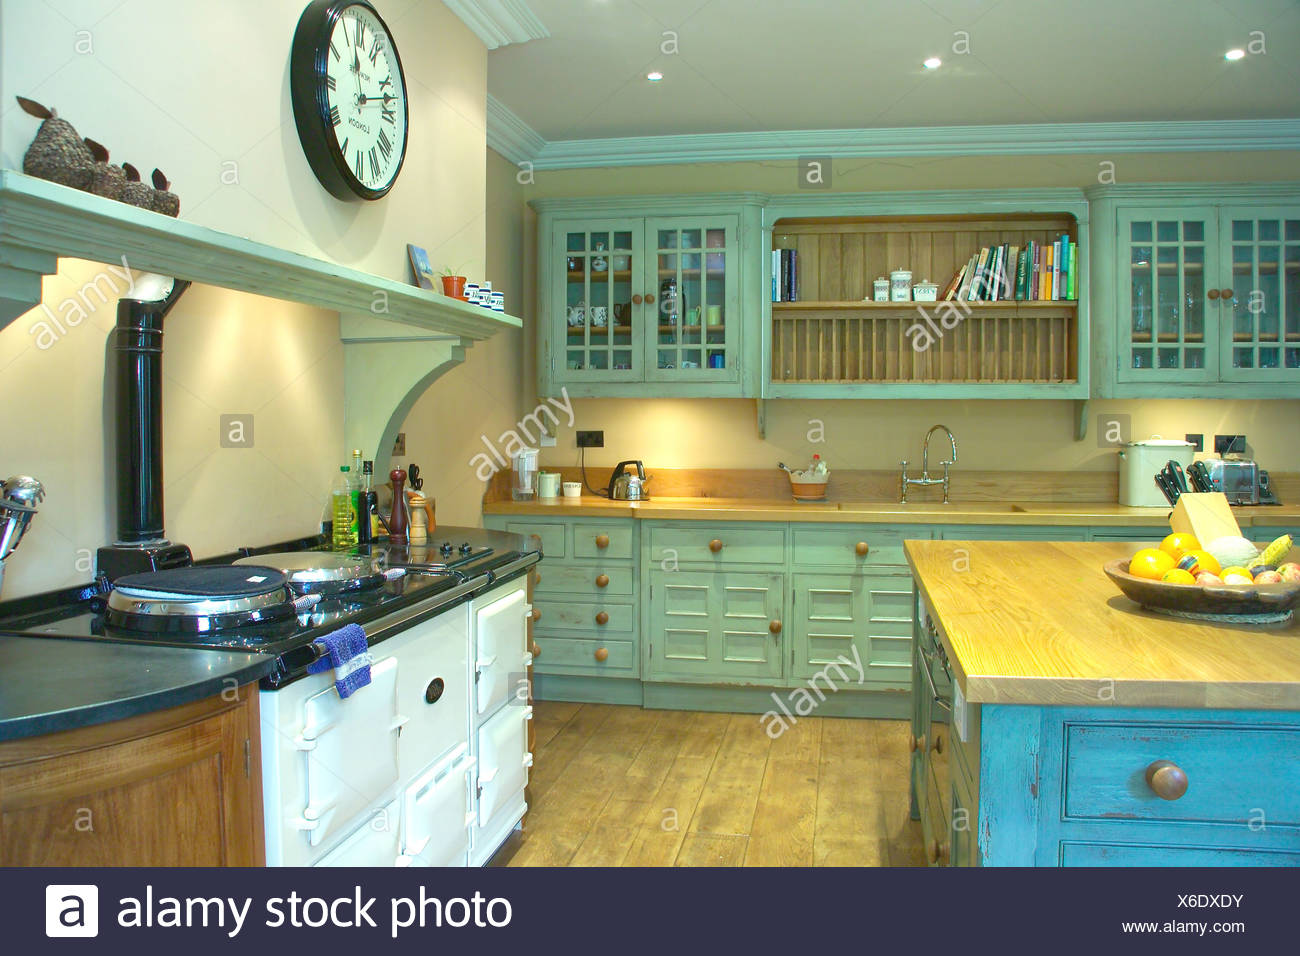 Weiße doppelte Aga in Türkis Küche mit notleidenden Farbe Effekt ...